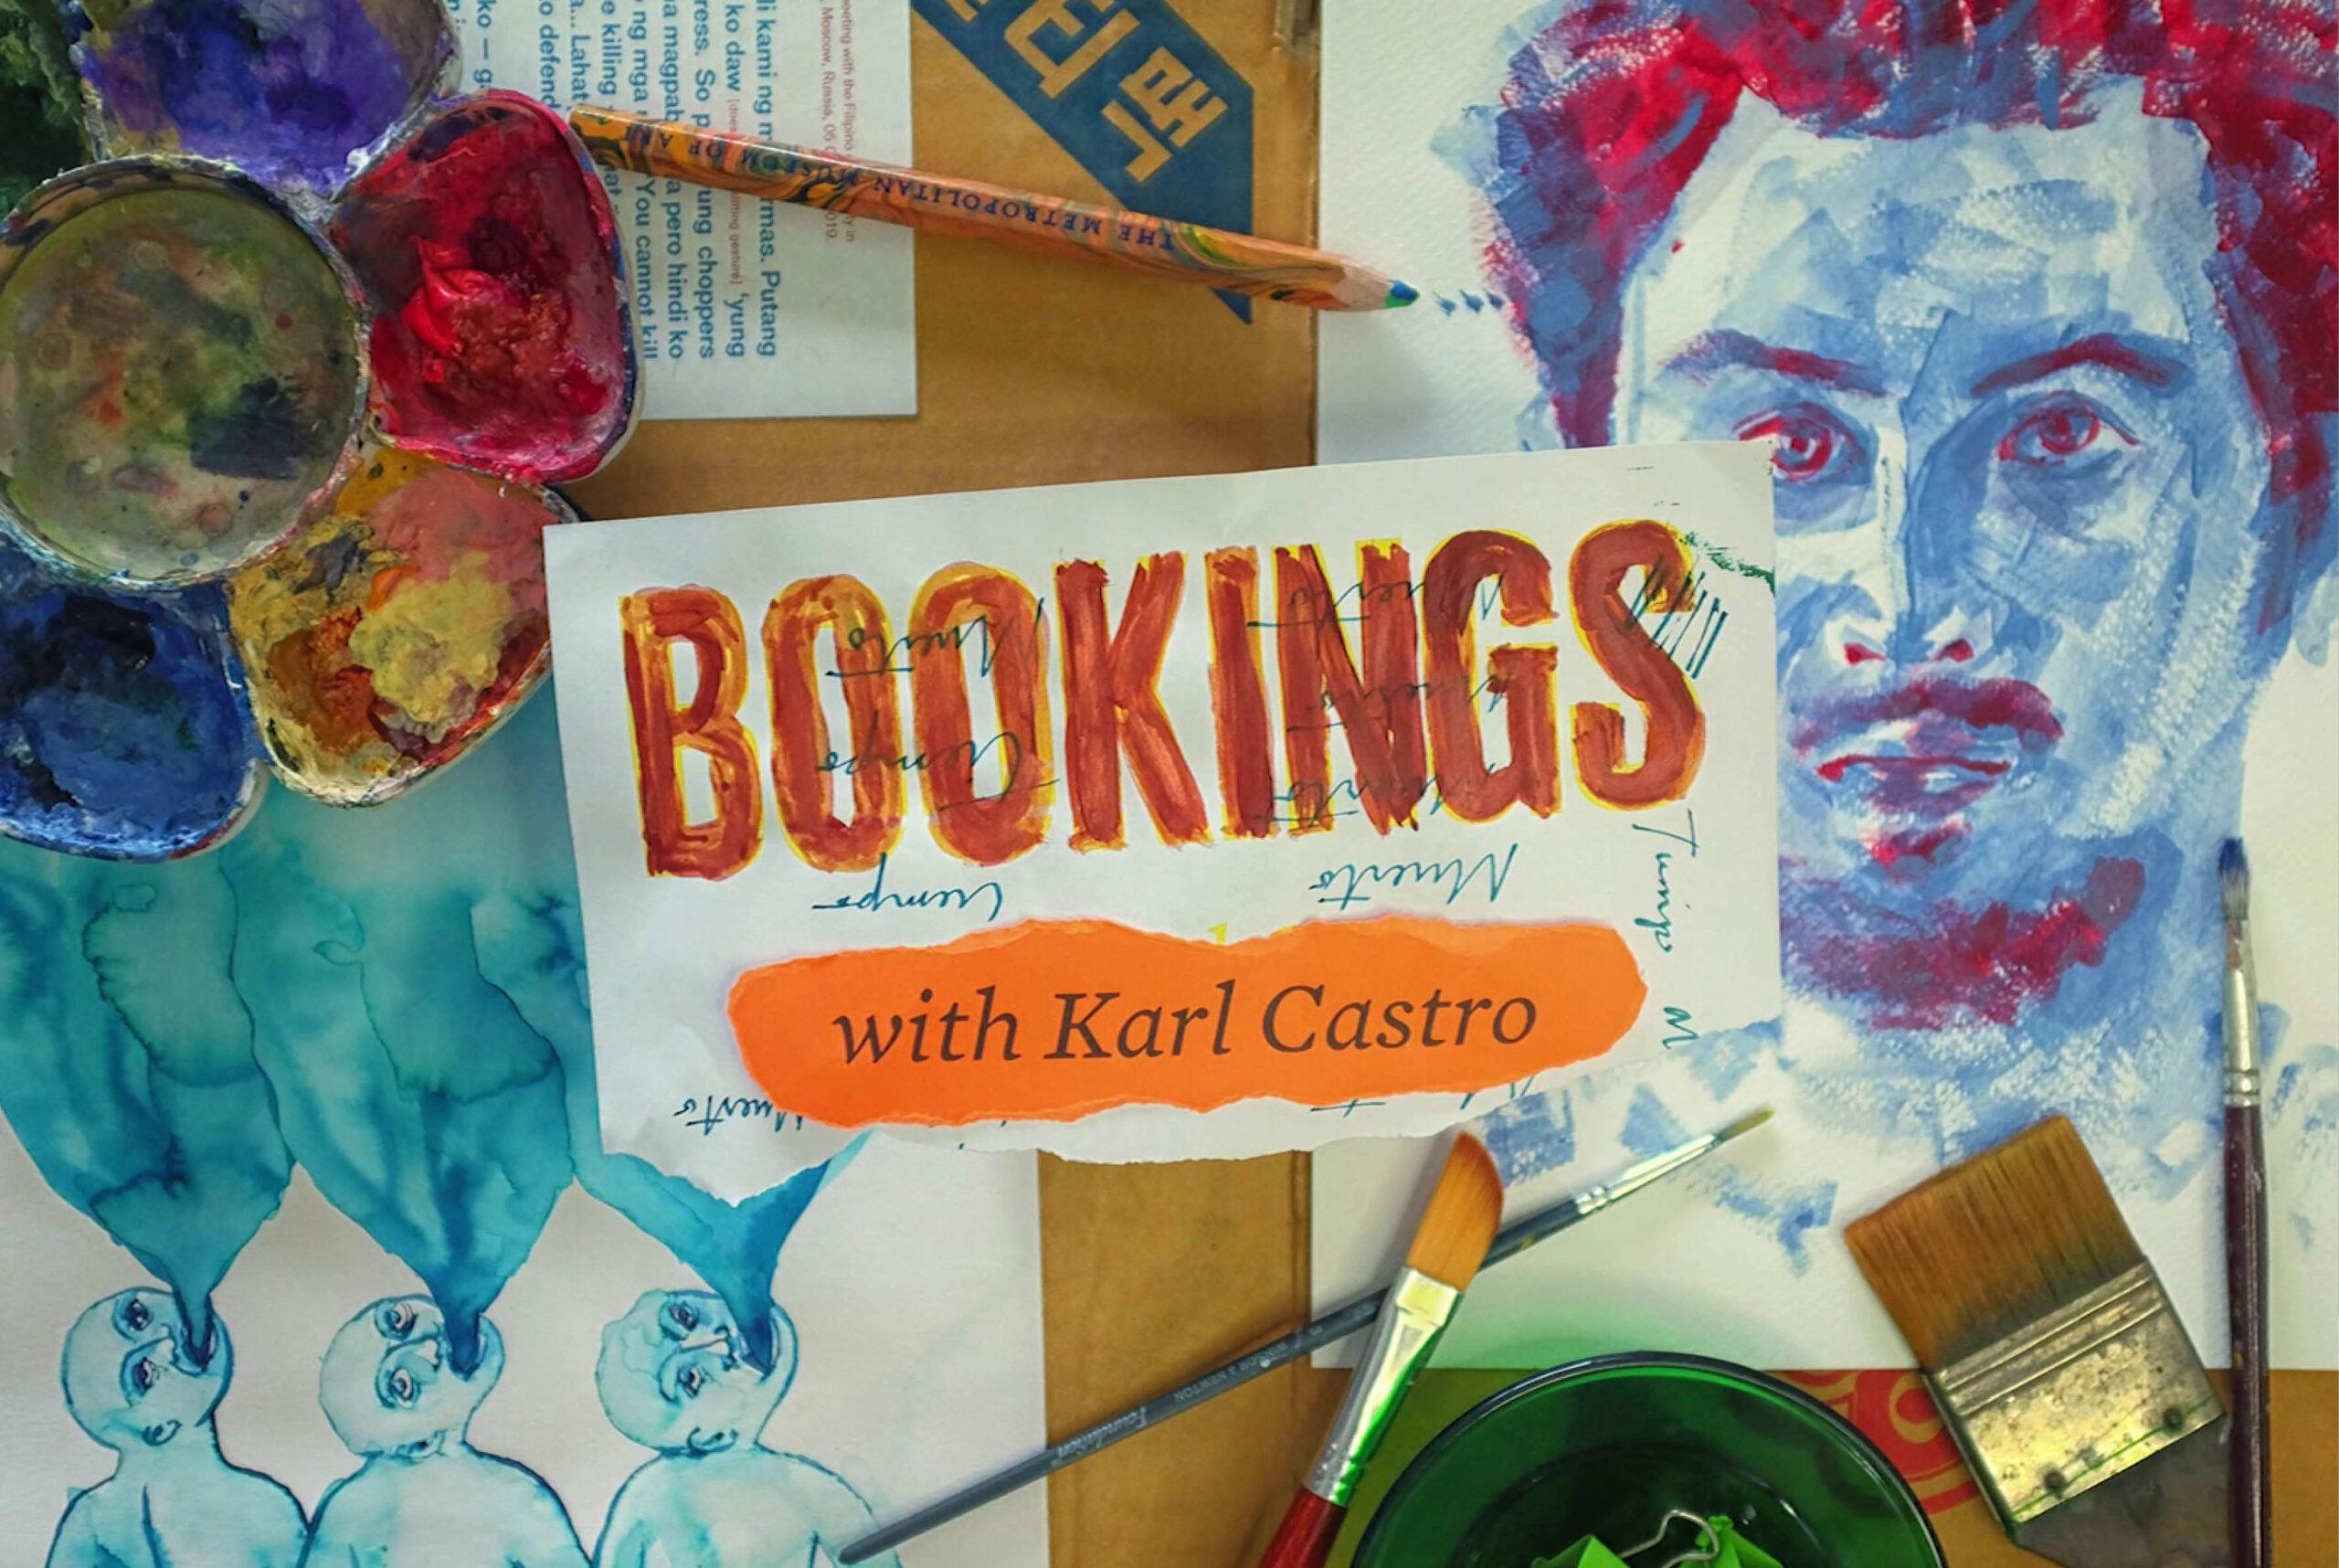 Bookings, Karl Castro, Kanto.com.ph